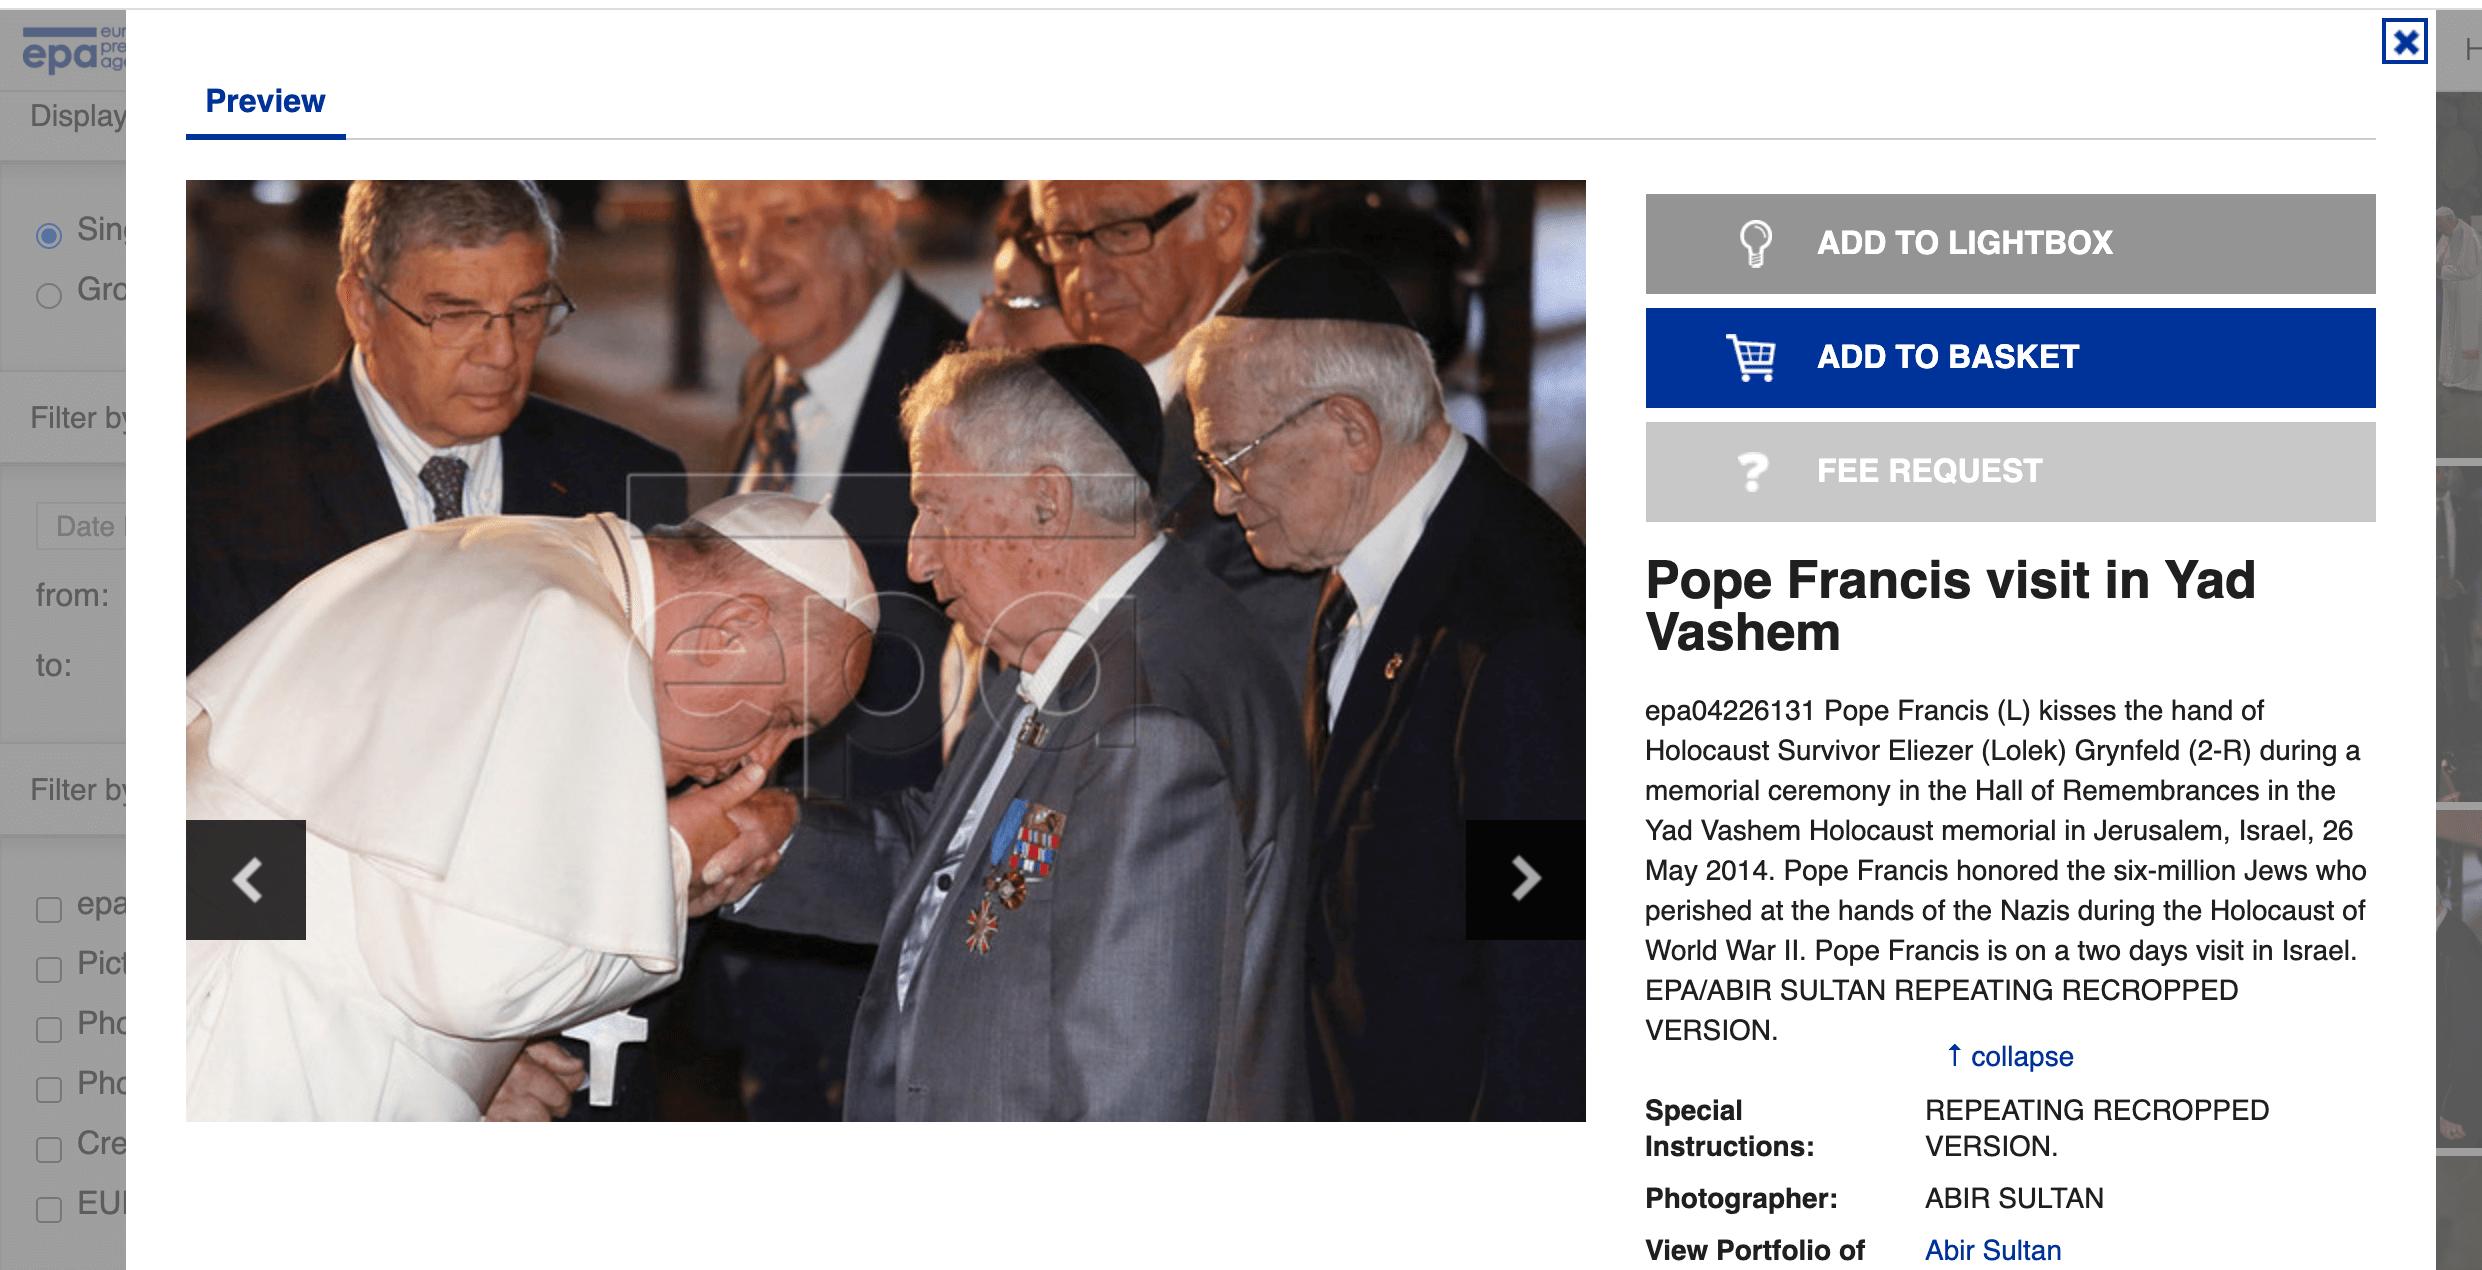 Das Foto von Papst Franziskus und dem Holocaust-Überlebenden Eliezer Grynfeld bei der European Pressphoto Agency (Screenshot: CORRECTIV.Faktencheck)